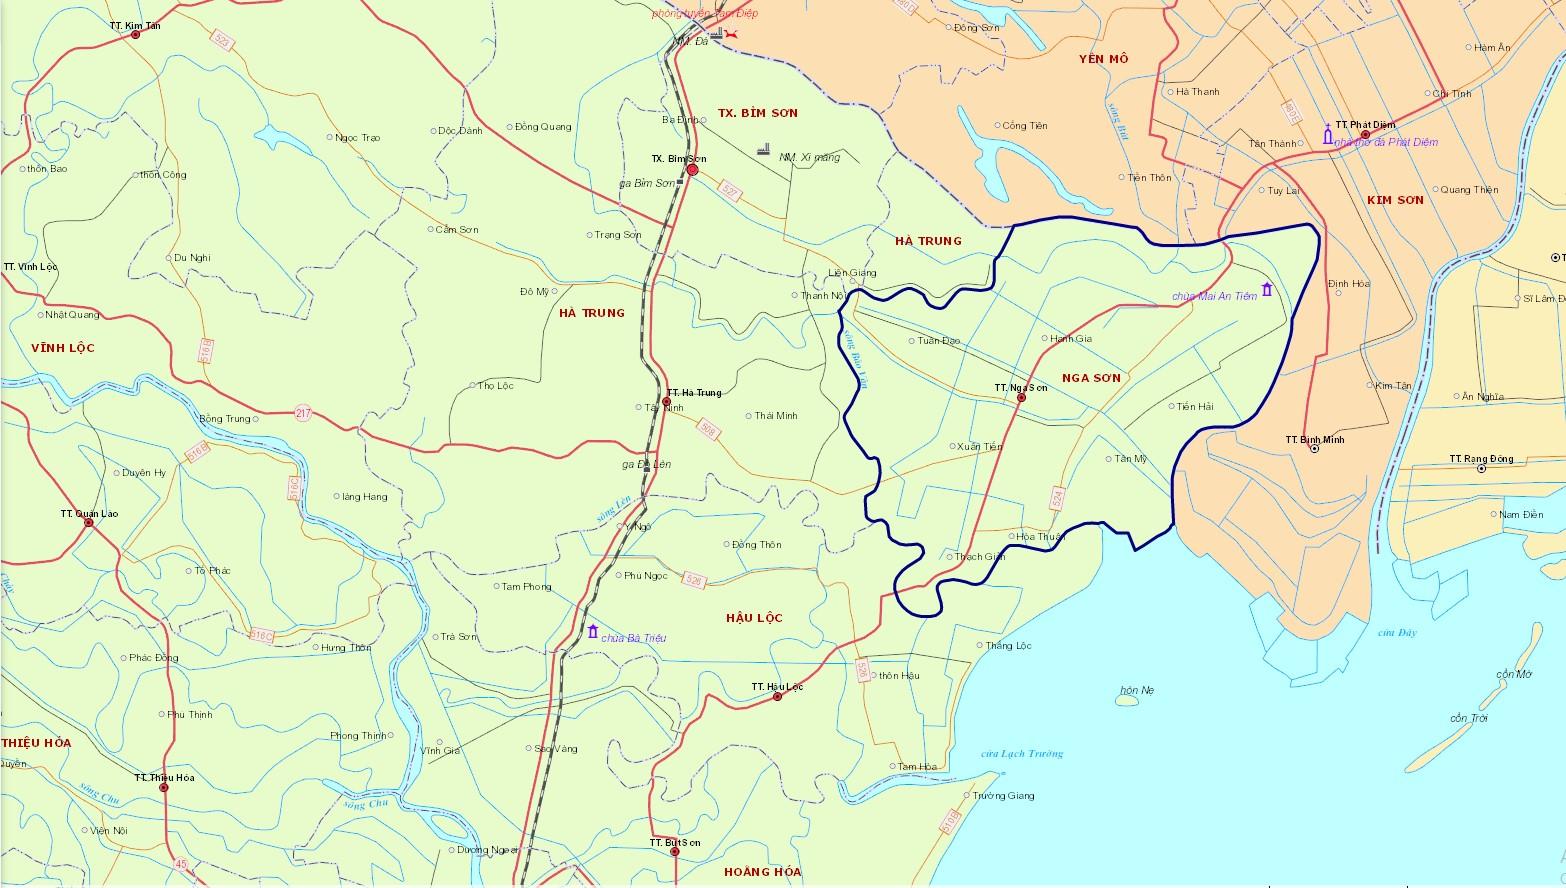 Bản đồ hành chính huyện Nga Sơn